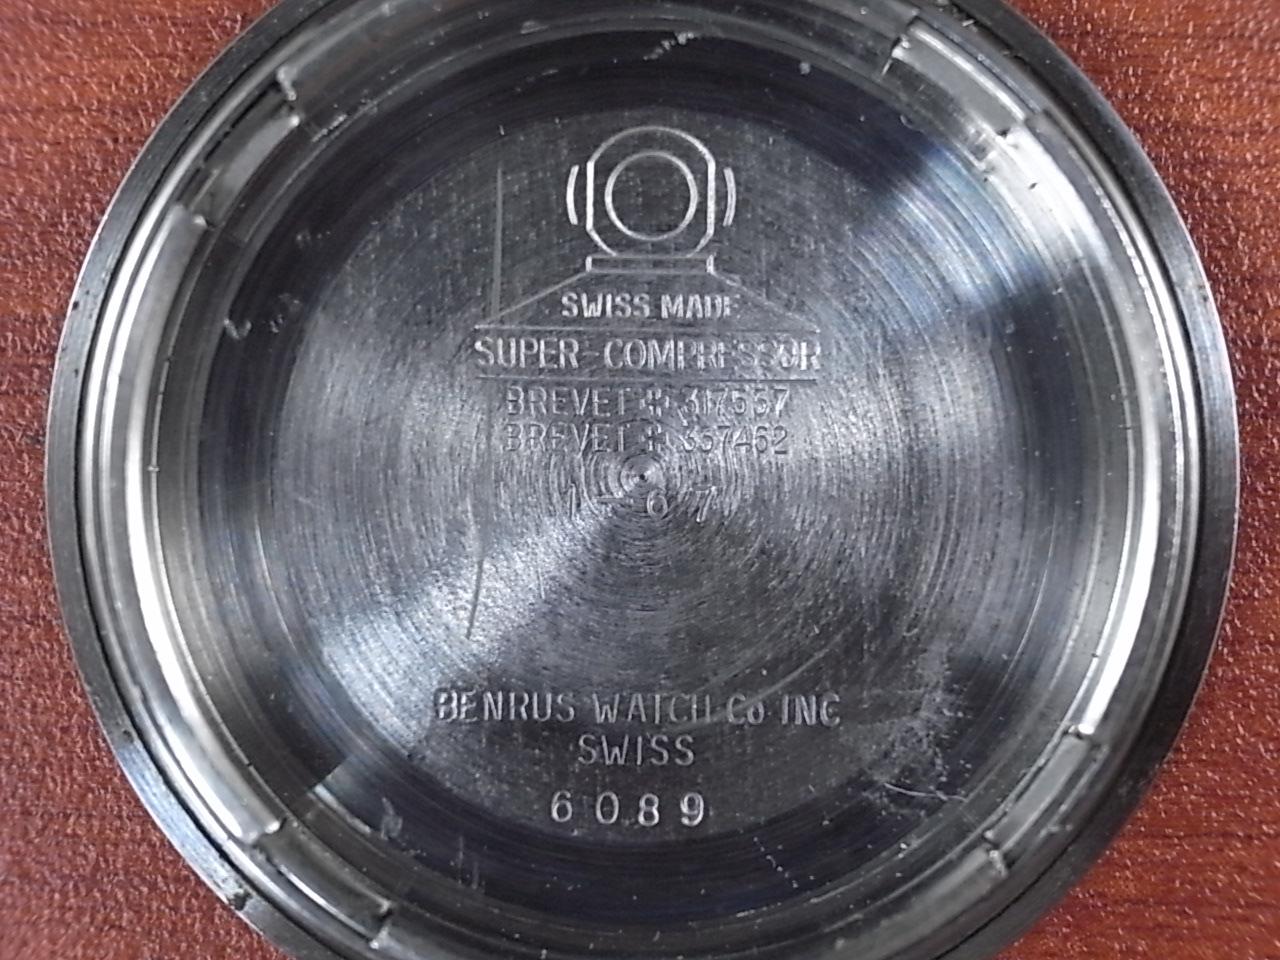 ベンラス ウルトラディープ ダイバーズウォッチ スーパーコンプレッサー 1960年代の写真6枚目